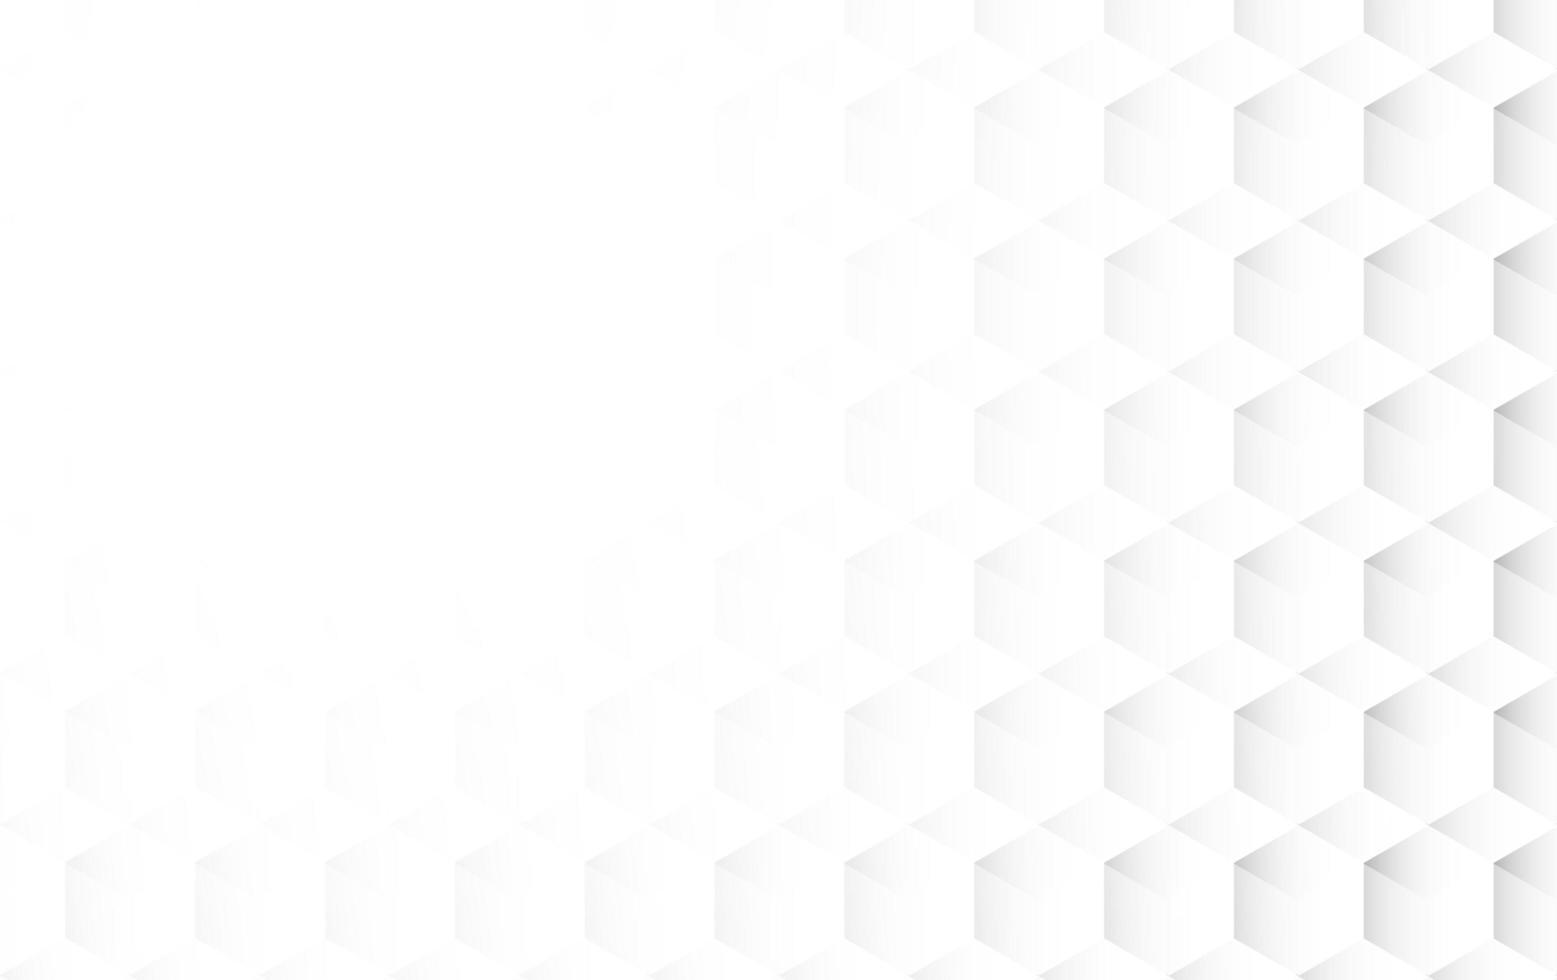 abstrakter weißer kubischer Hintergrund vektor